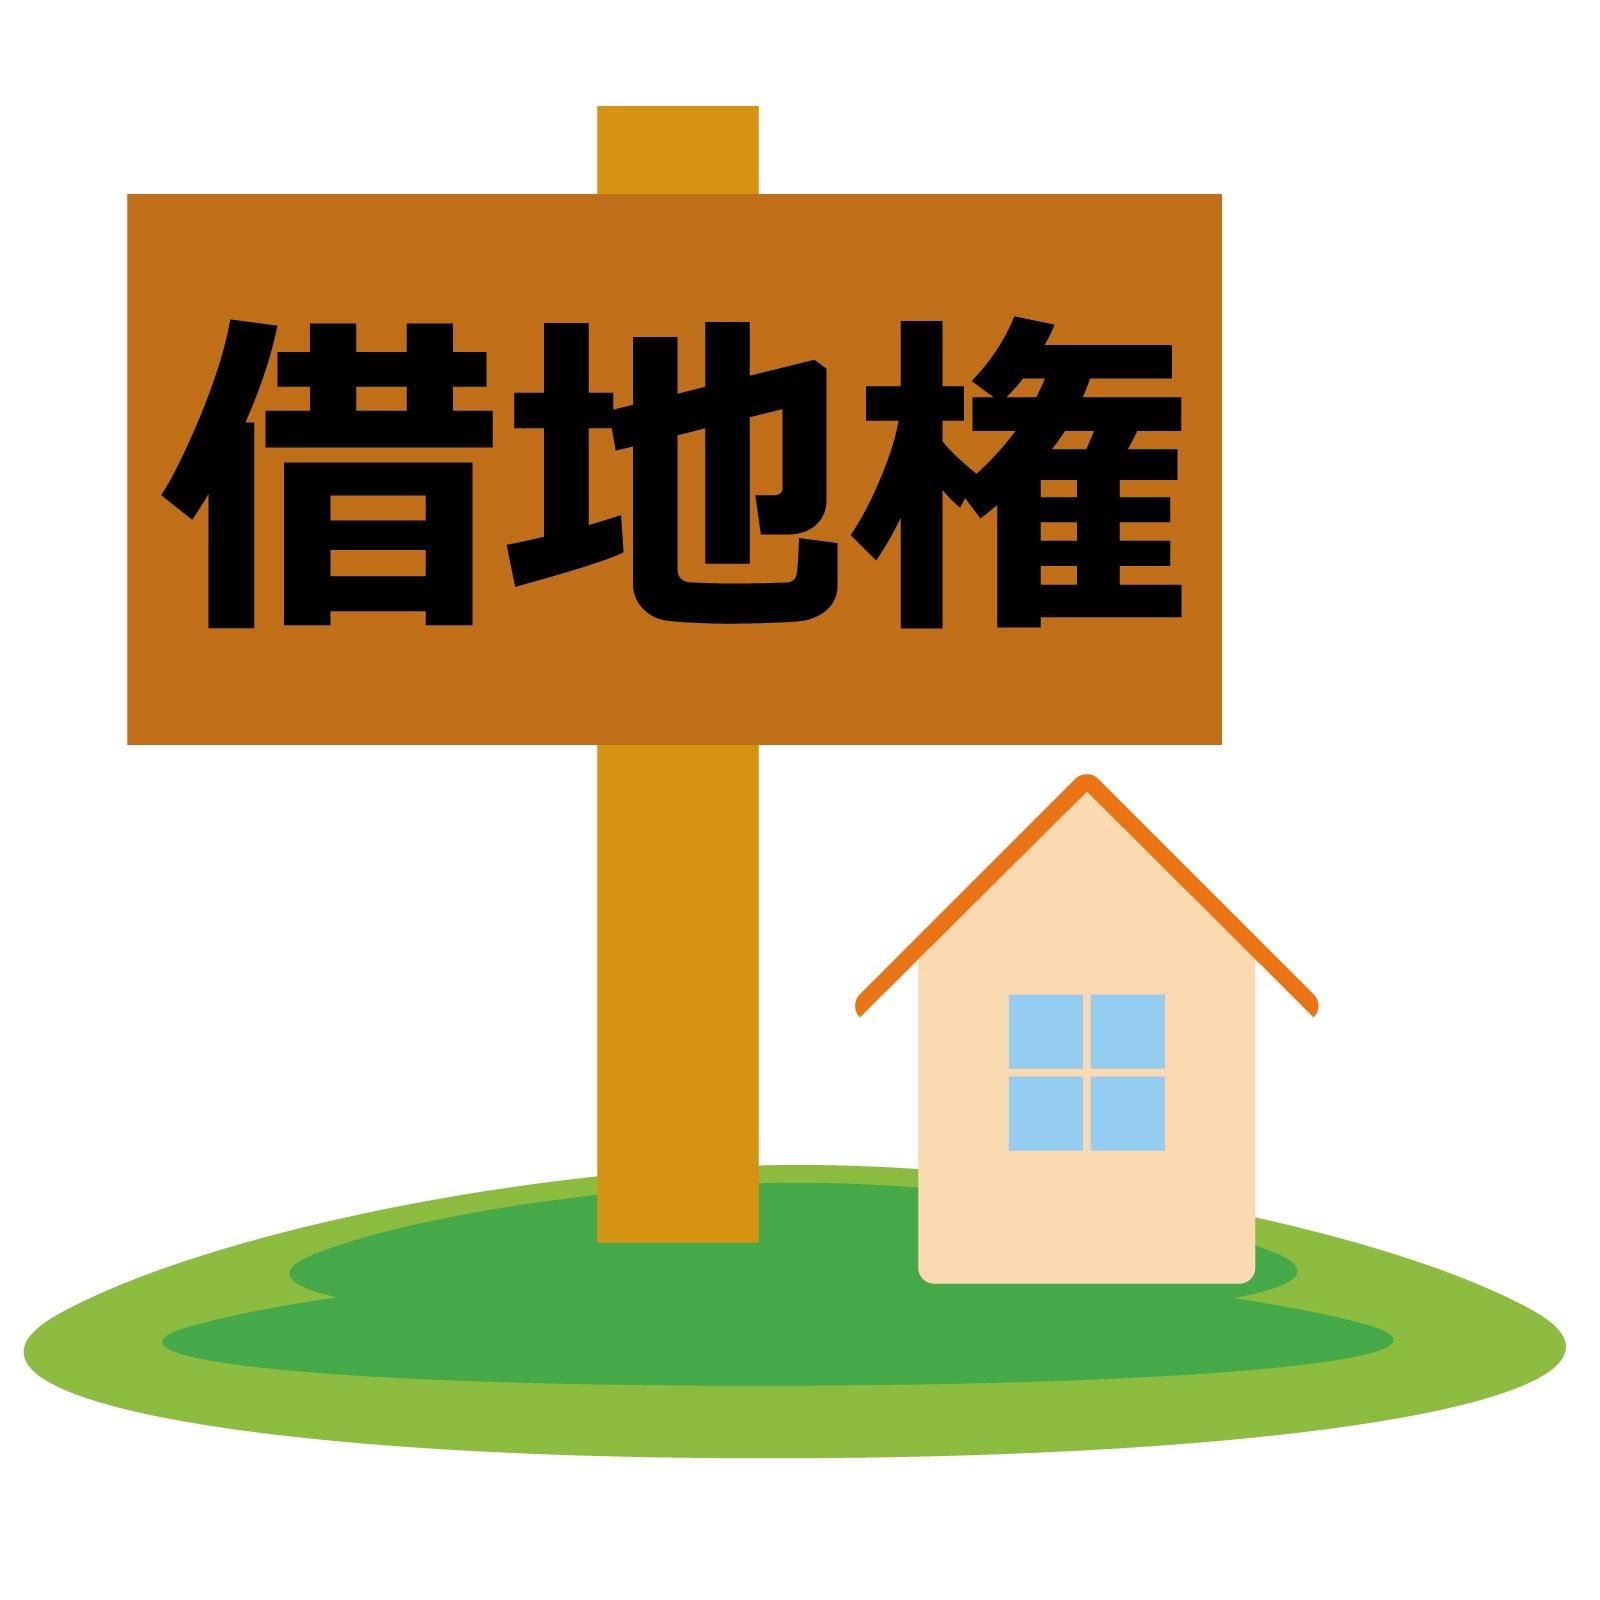 「借地権」について、はじめにお読み下さい